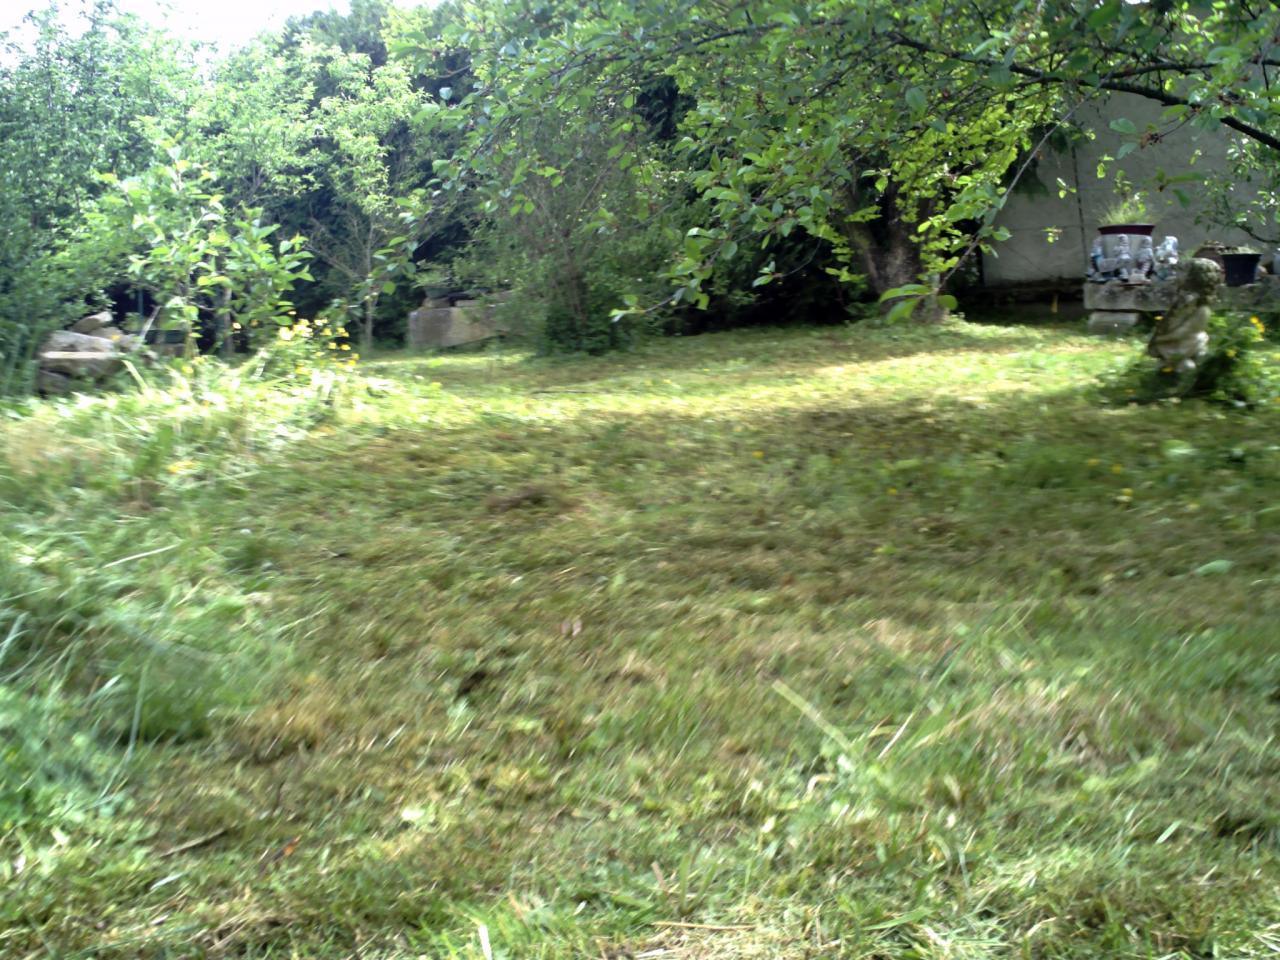 Jardin d broussaill avant cr ation de pelouse 2 for Devis pelouse